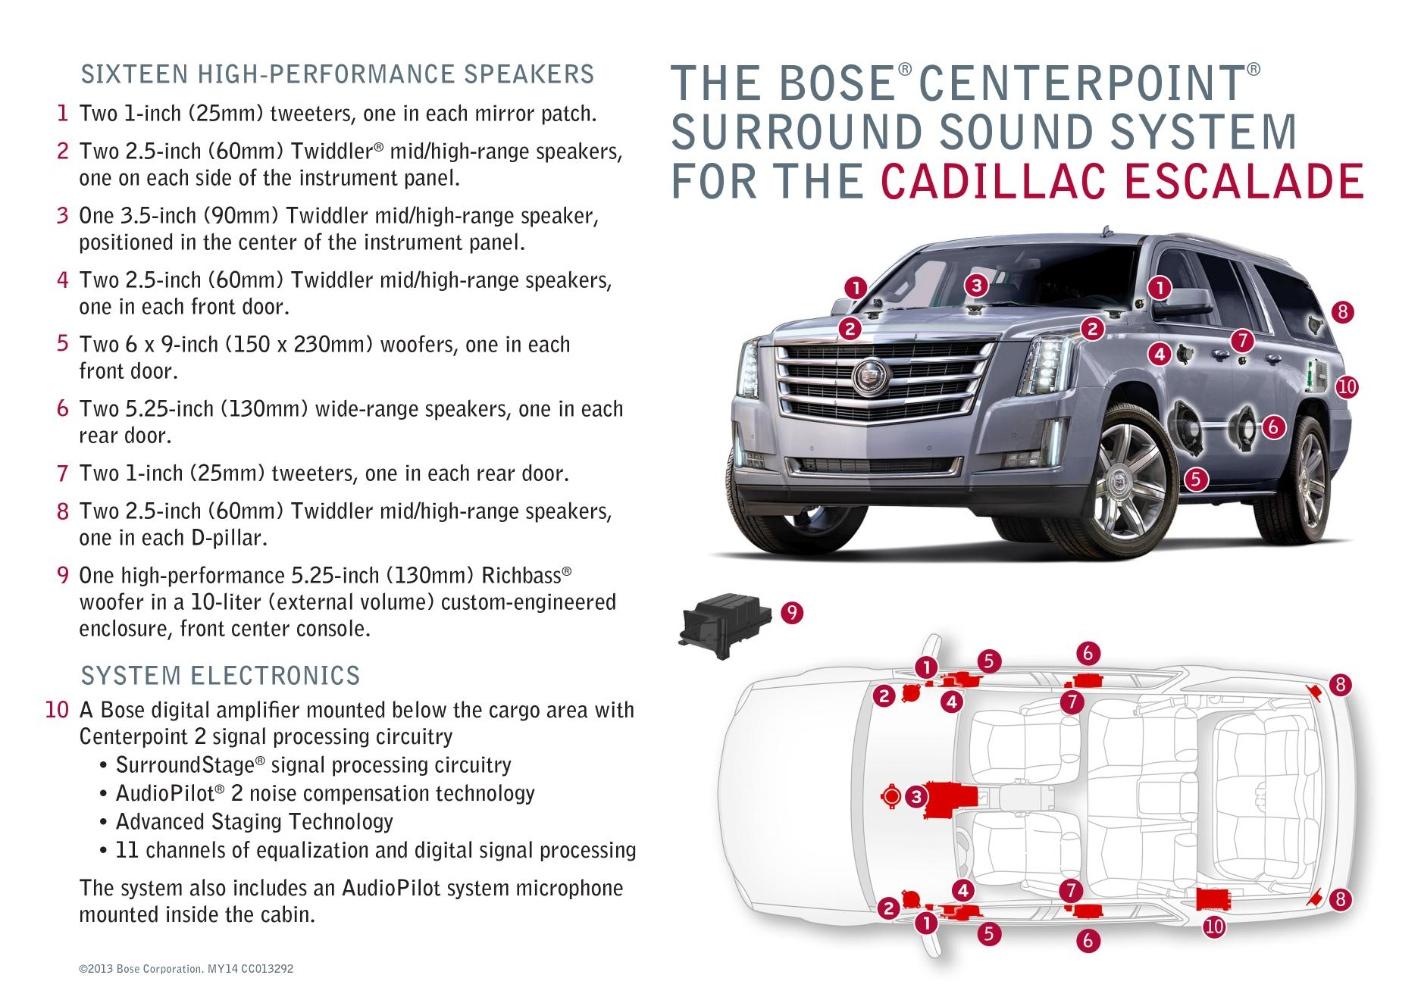 Cadillac Showcases 2015 Escalade Bose Centerpoint Surround